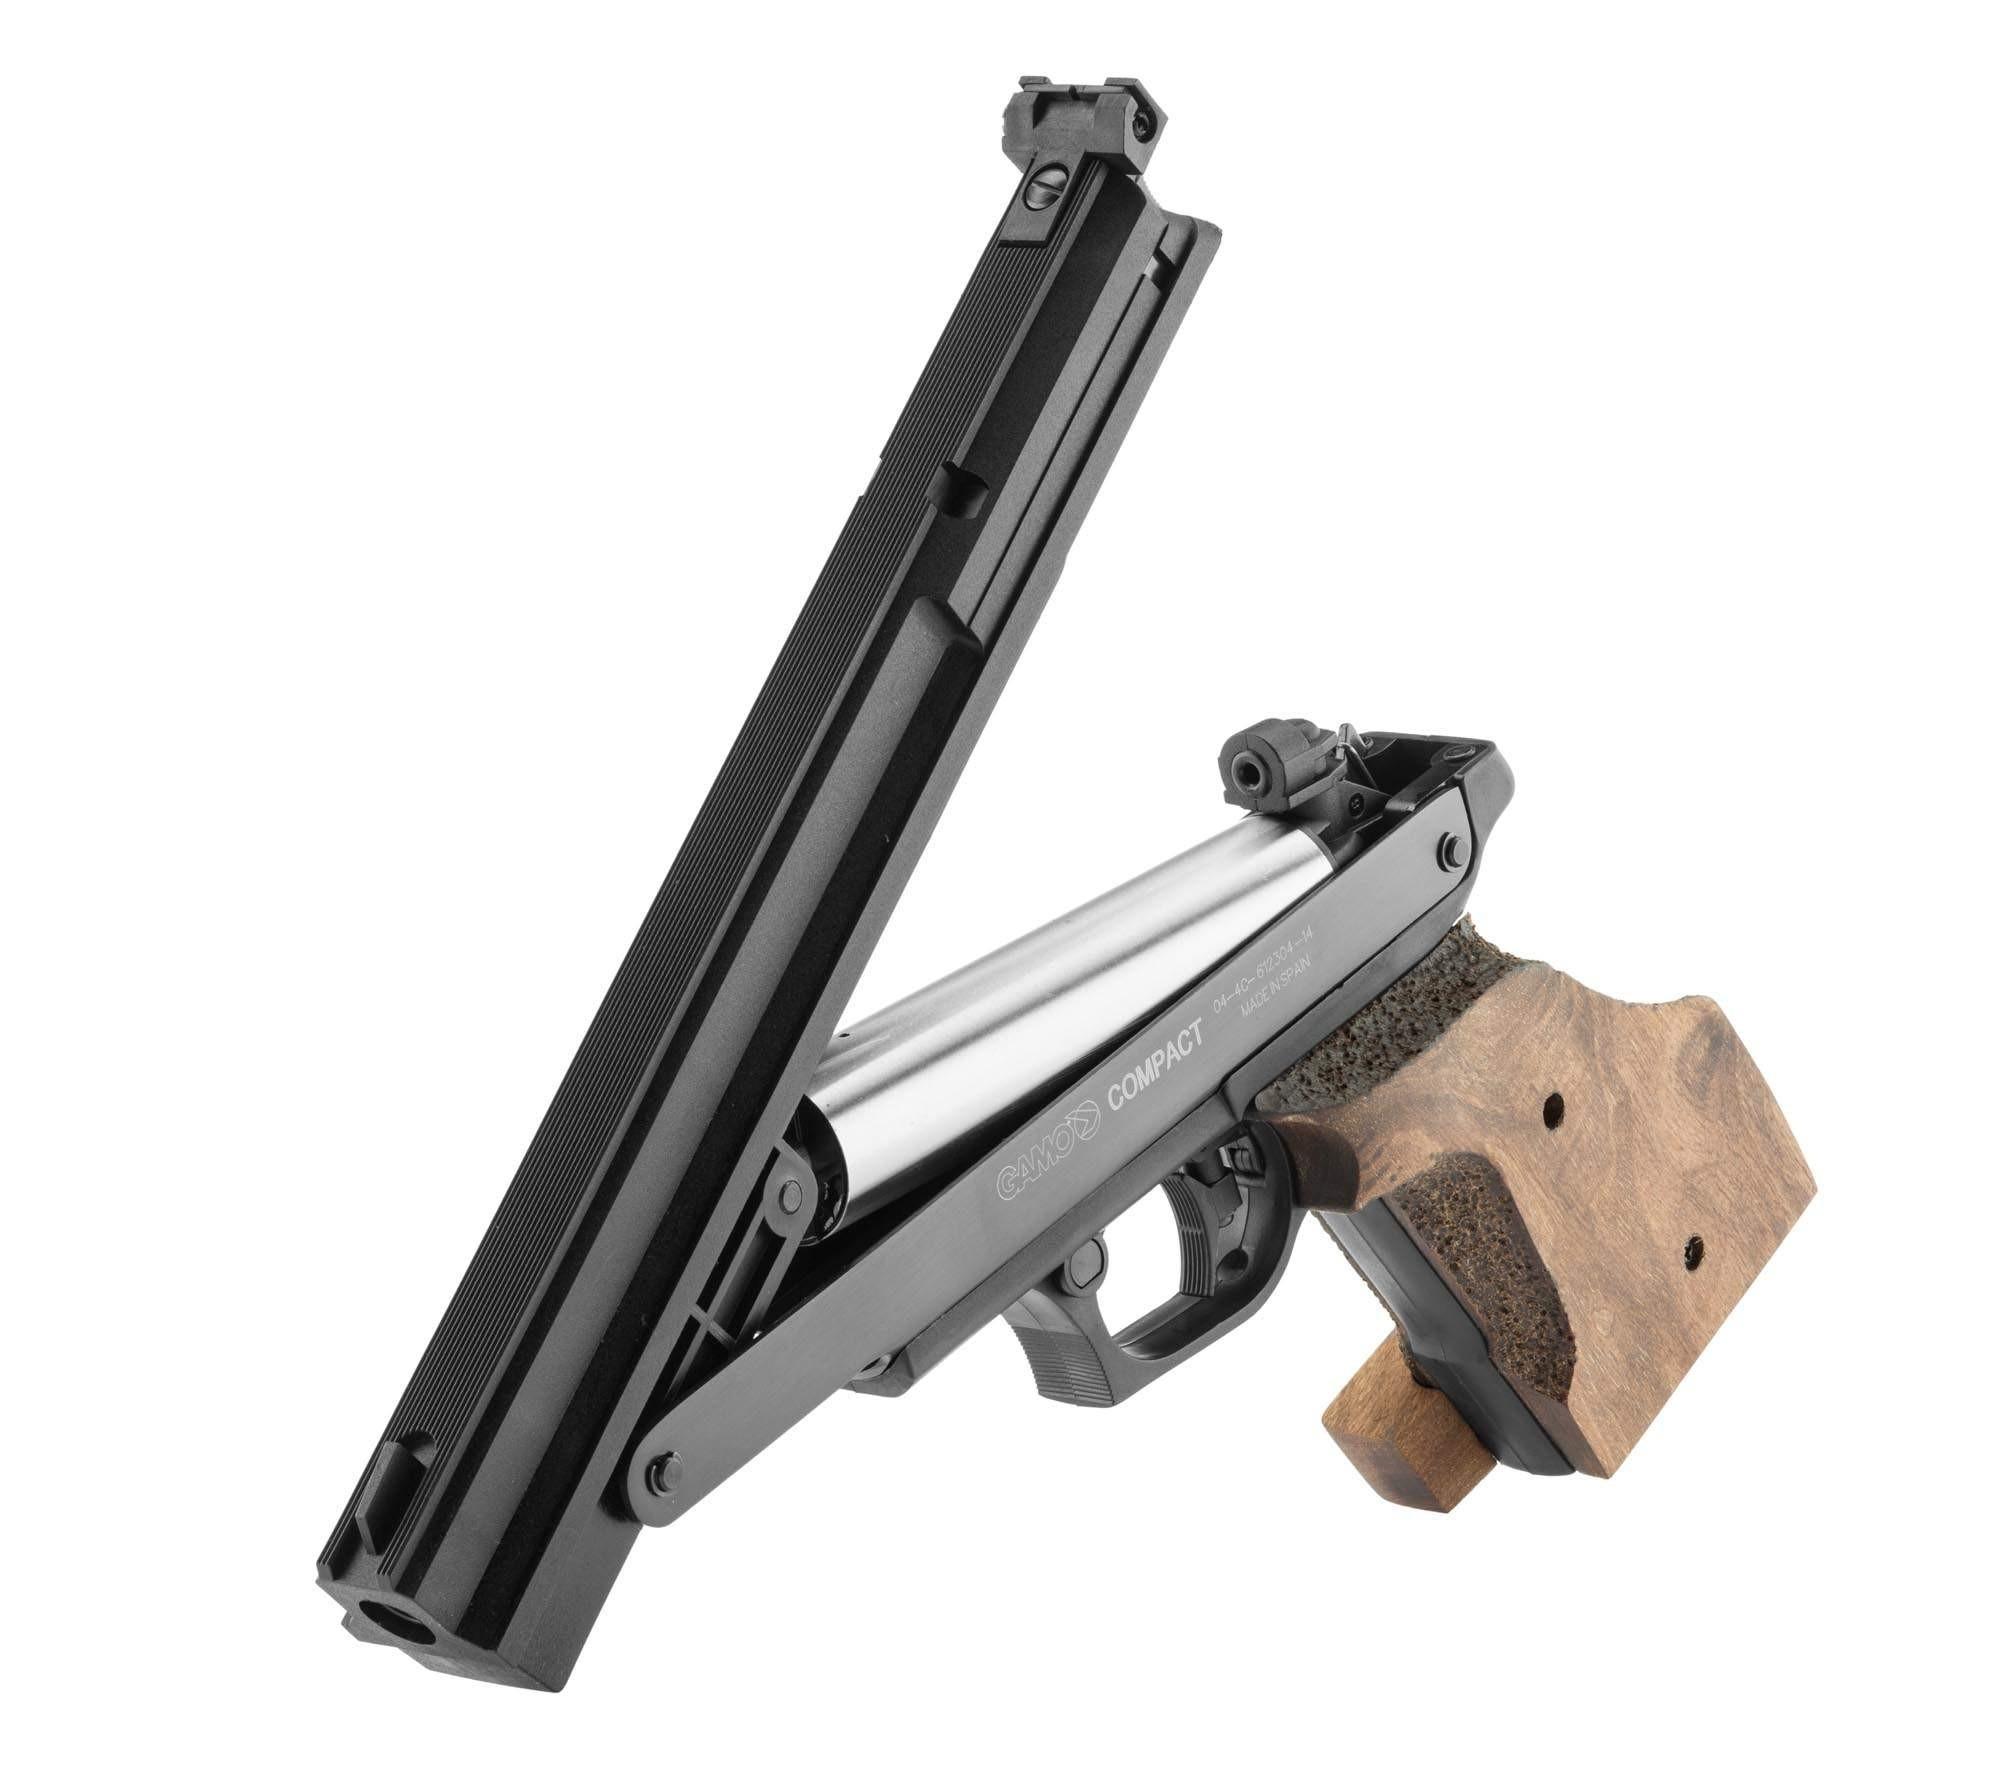 pistolet air comprim gamo compact droitier cal 4 5 mm pistolets air comprim co2. Black Bedroom Furniture Sets. Home Design Ideas